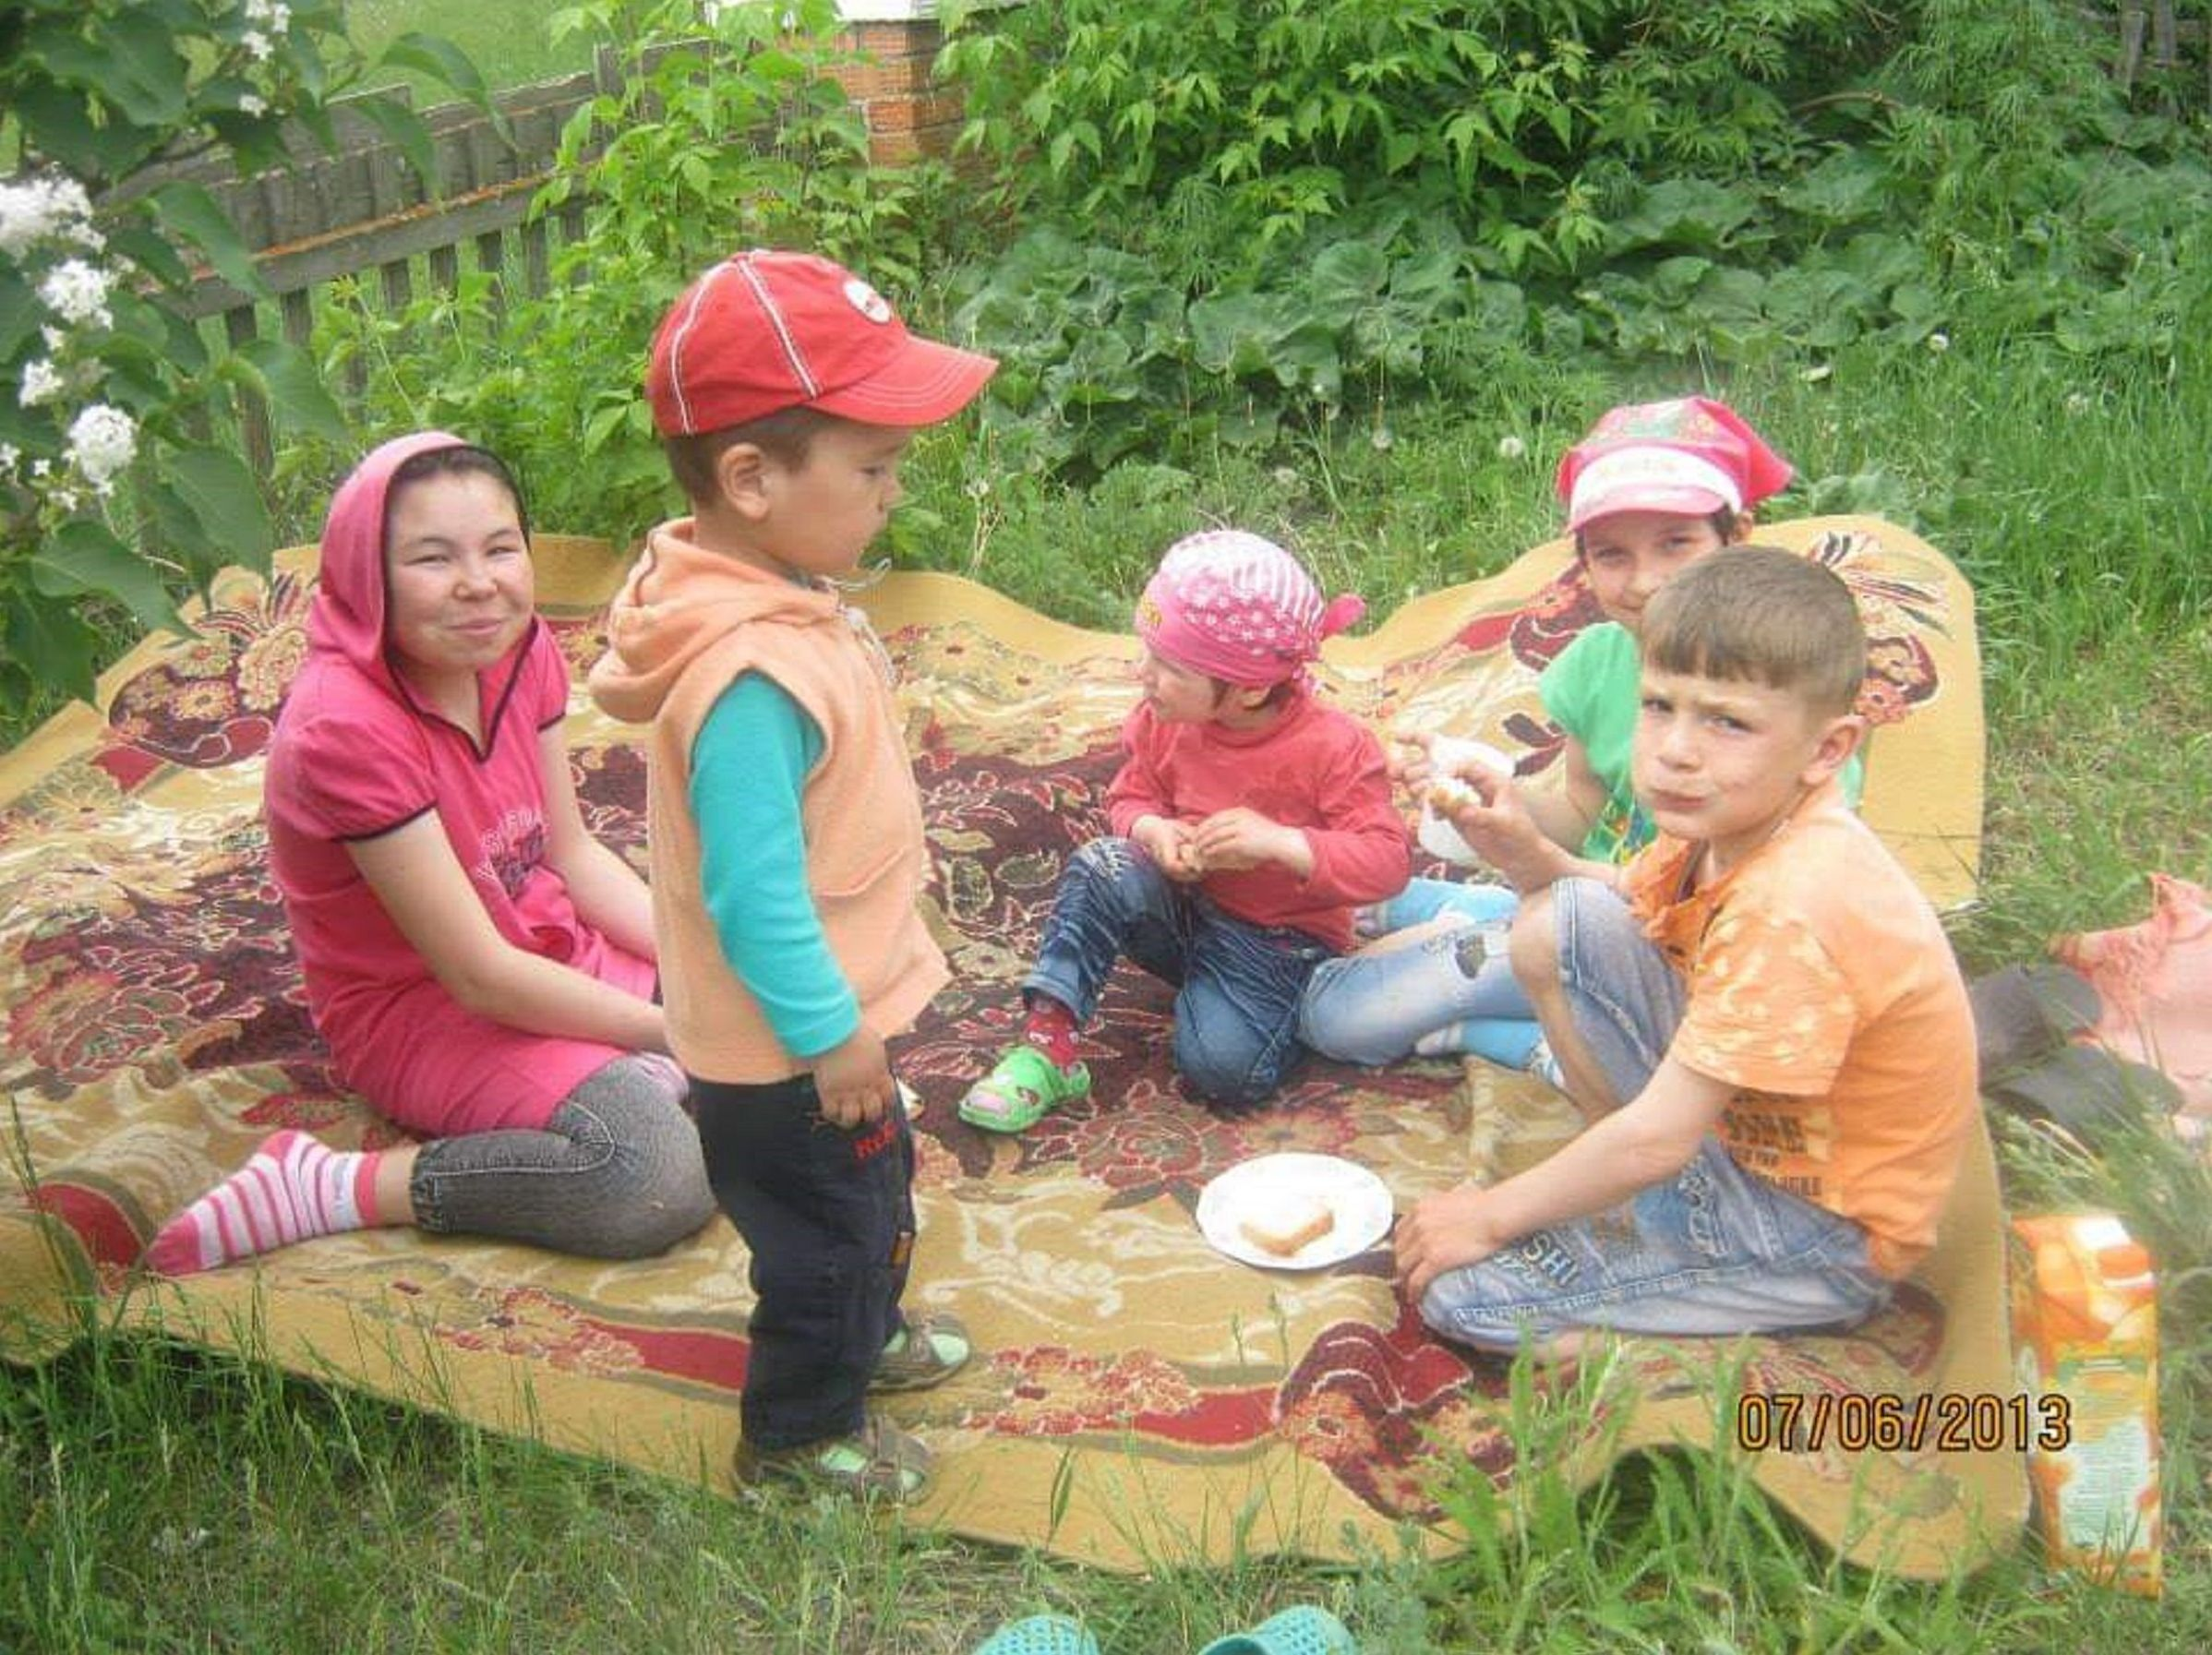 Дети семьи Кабылбаевых на пикнике во дворе